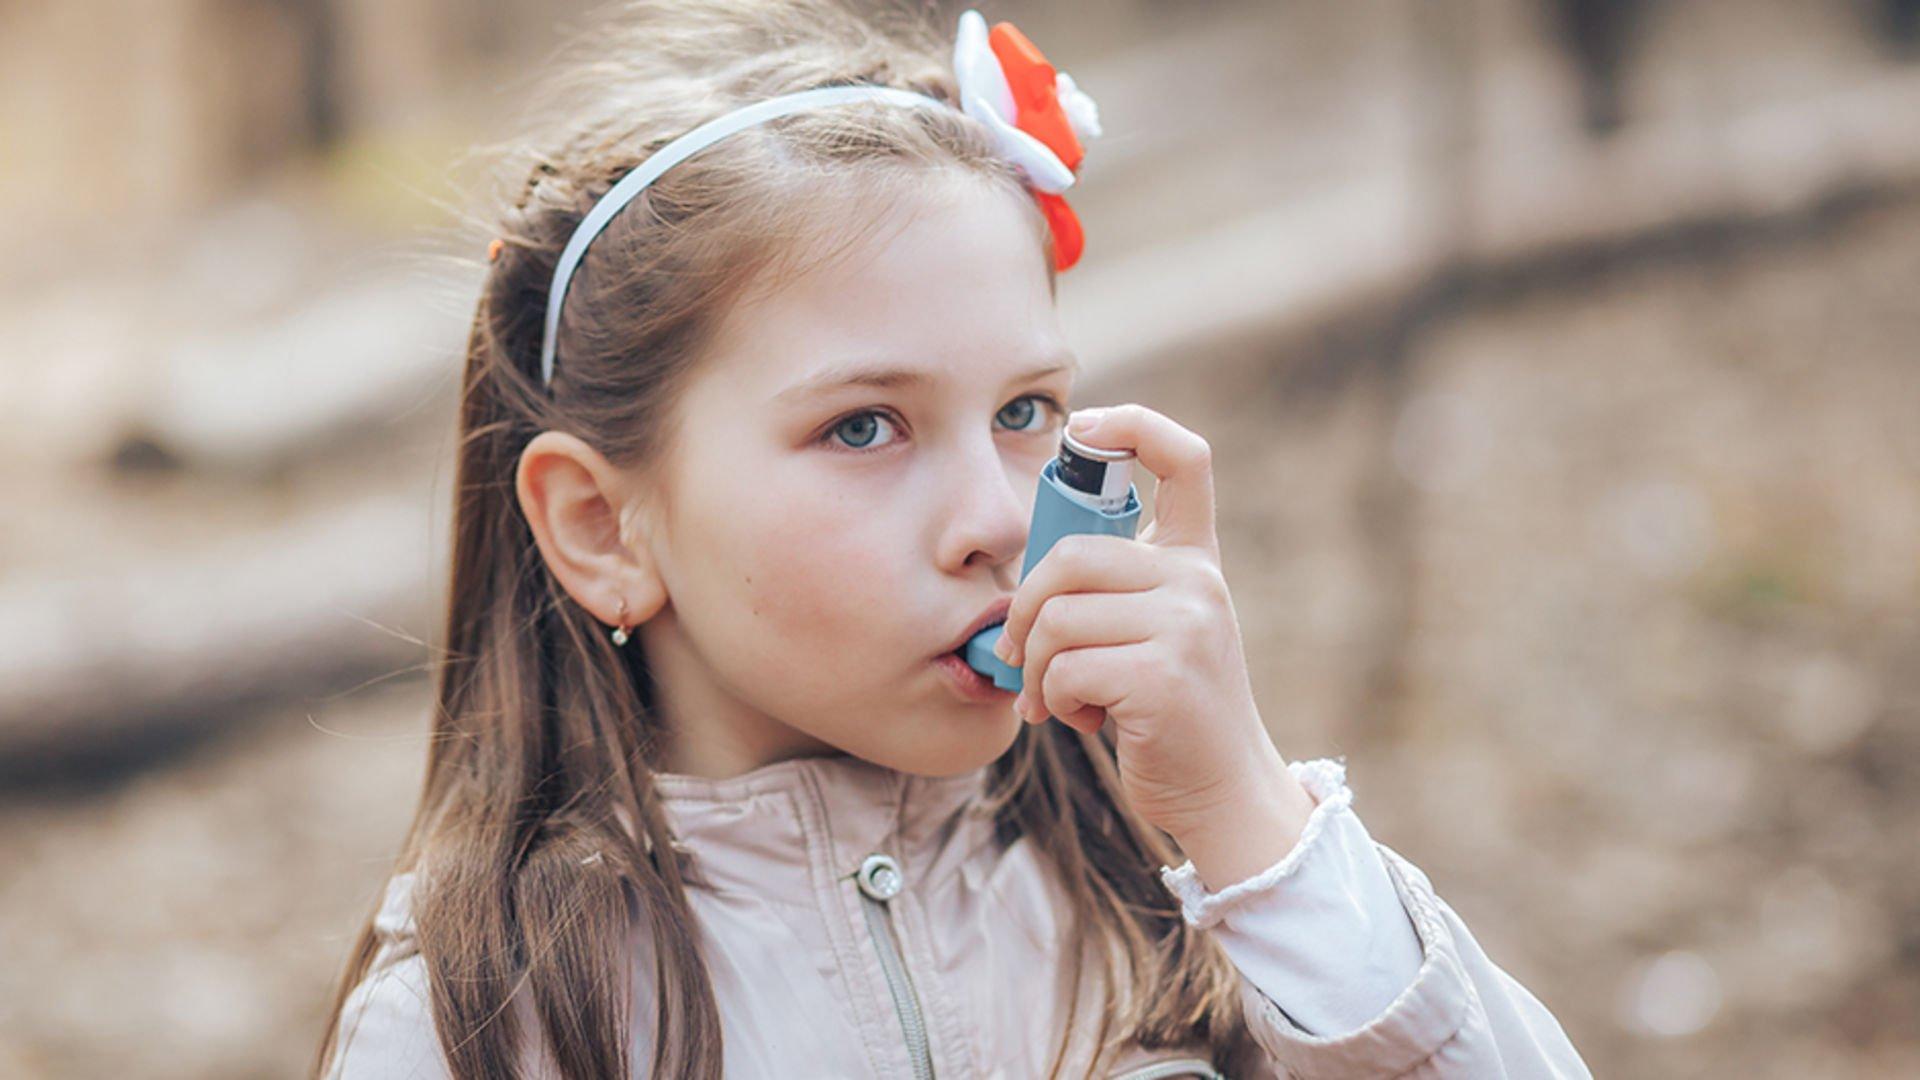 Bir çocuğa öksürme halk ilaçlarıyla tedavi edilir